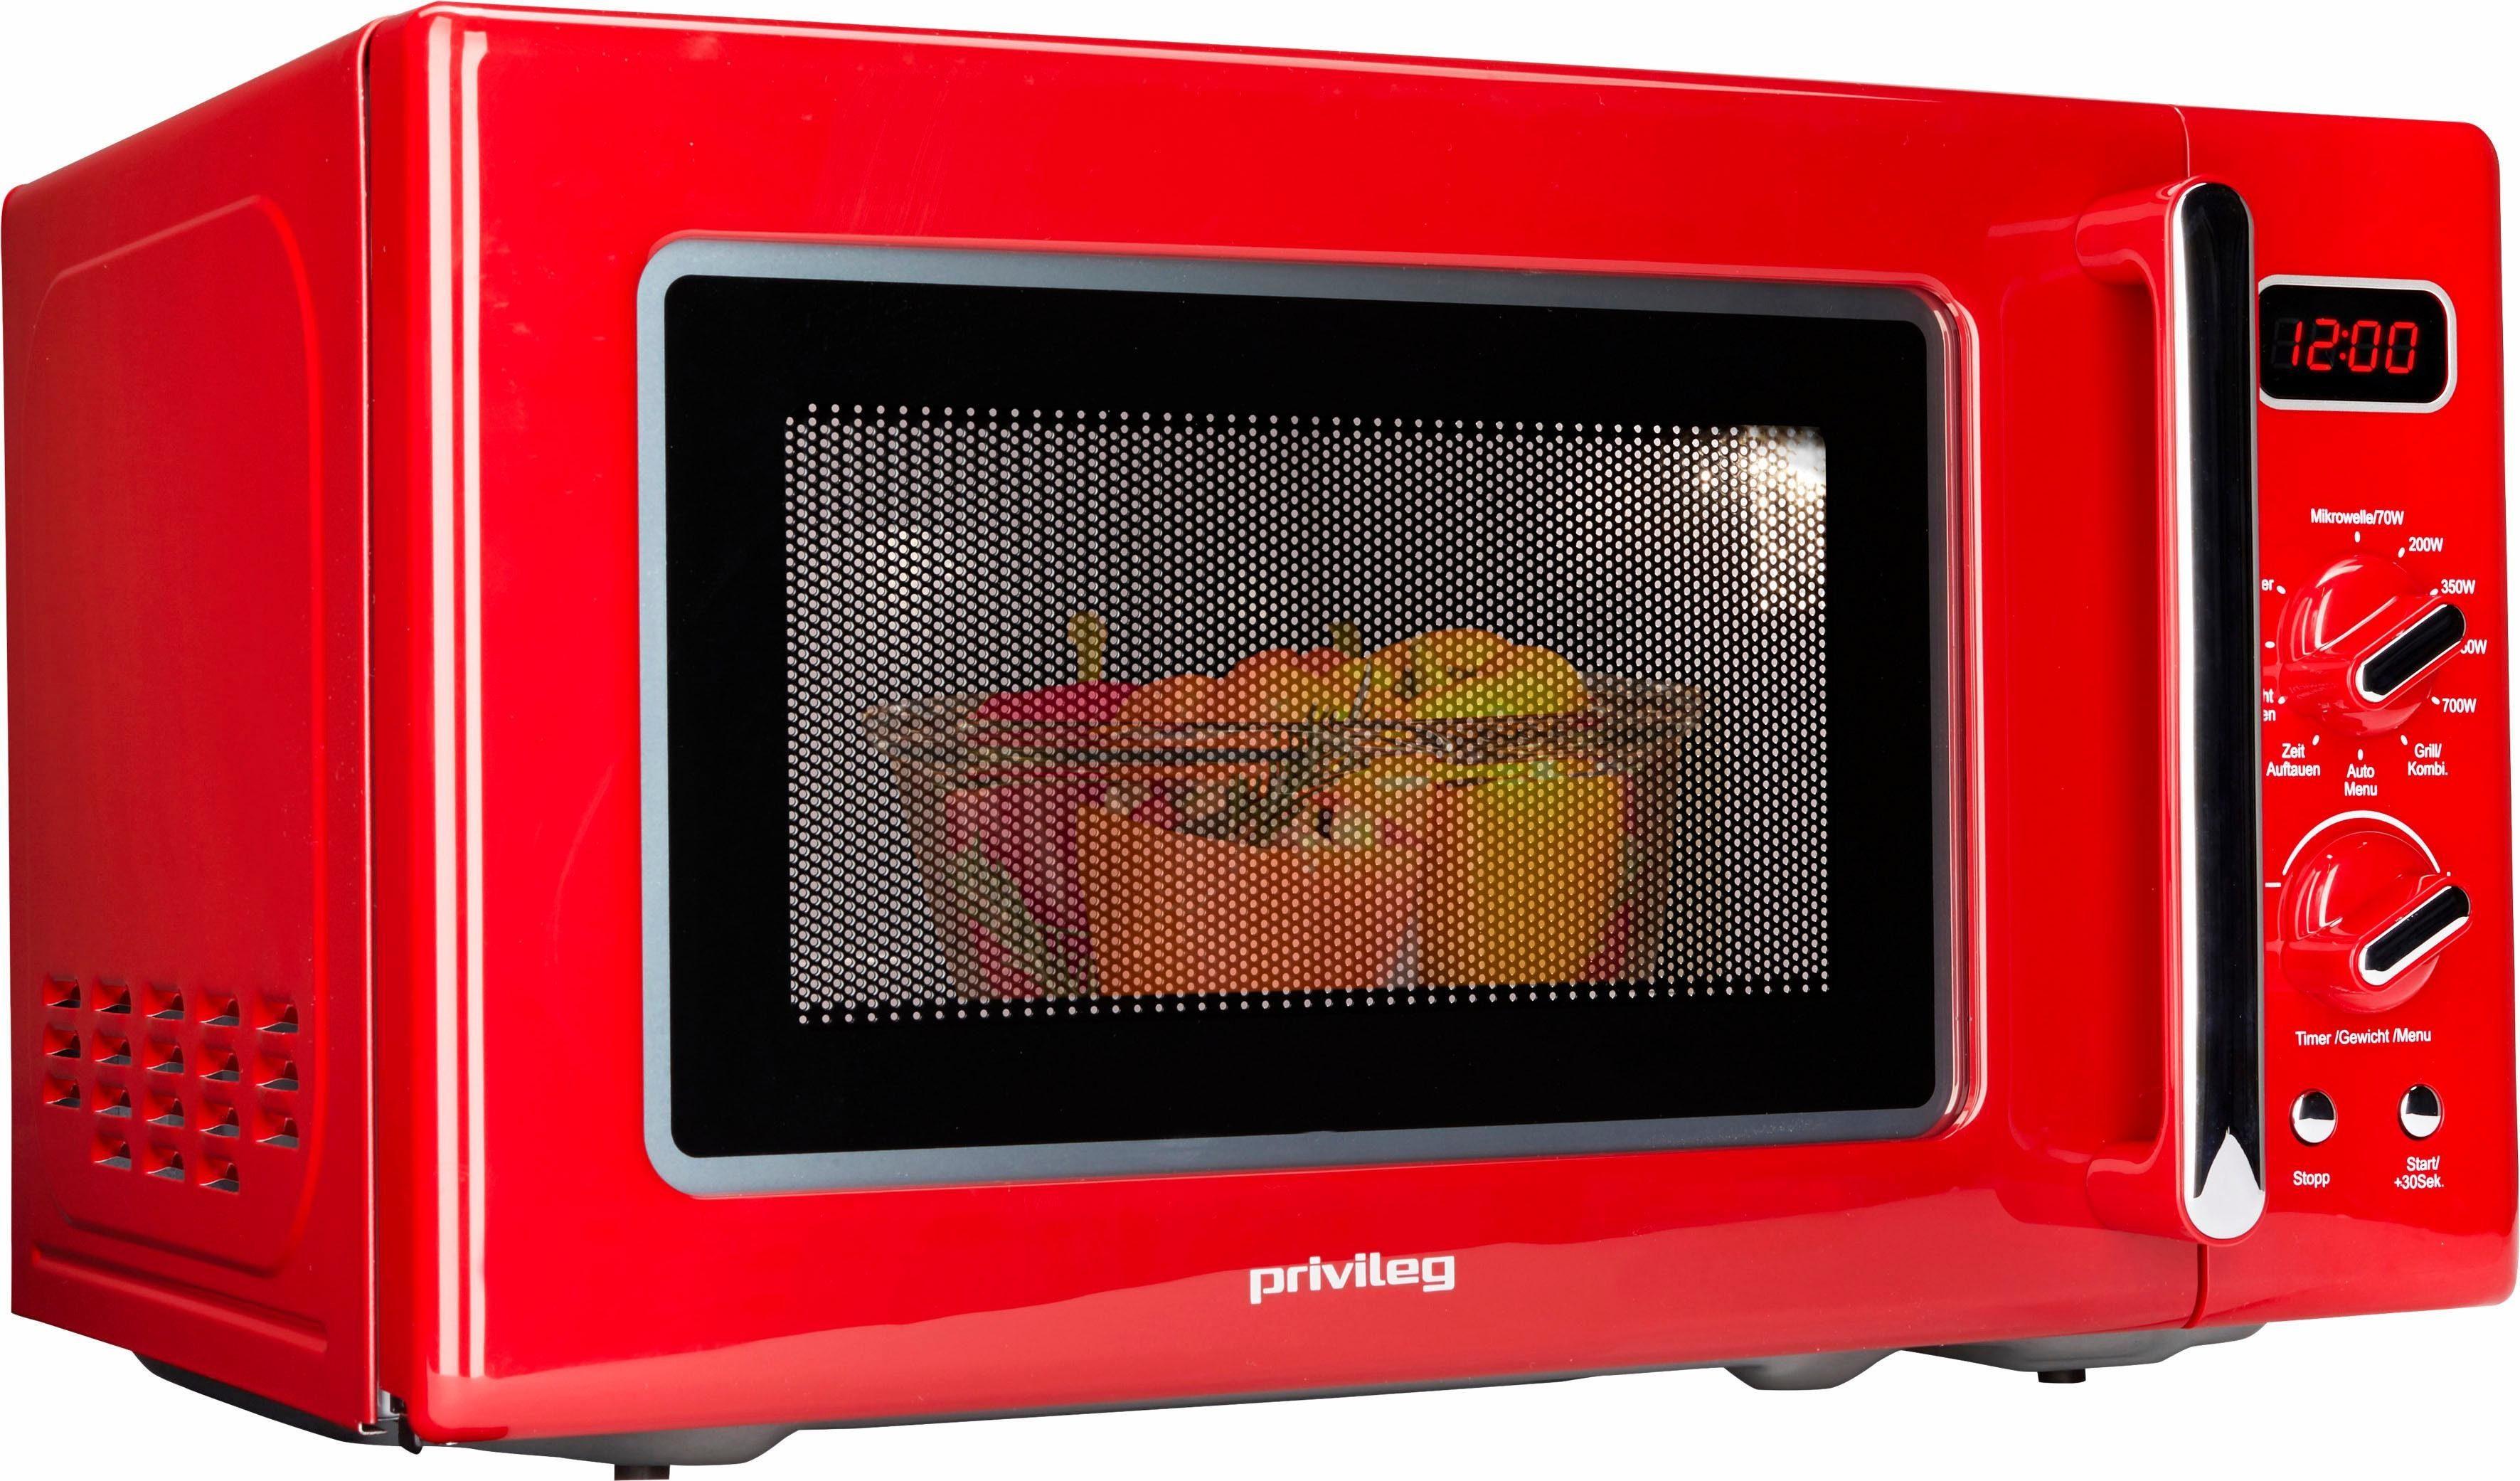 Privileg Mikrowelle im Retro-Design, 700 W, 8 Automatikprogramme